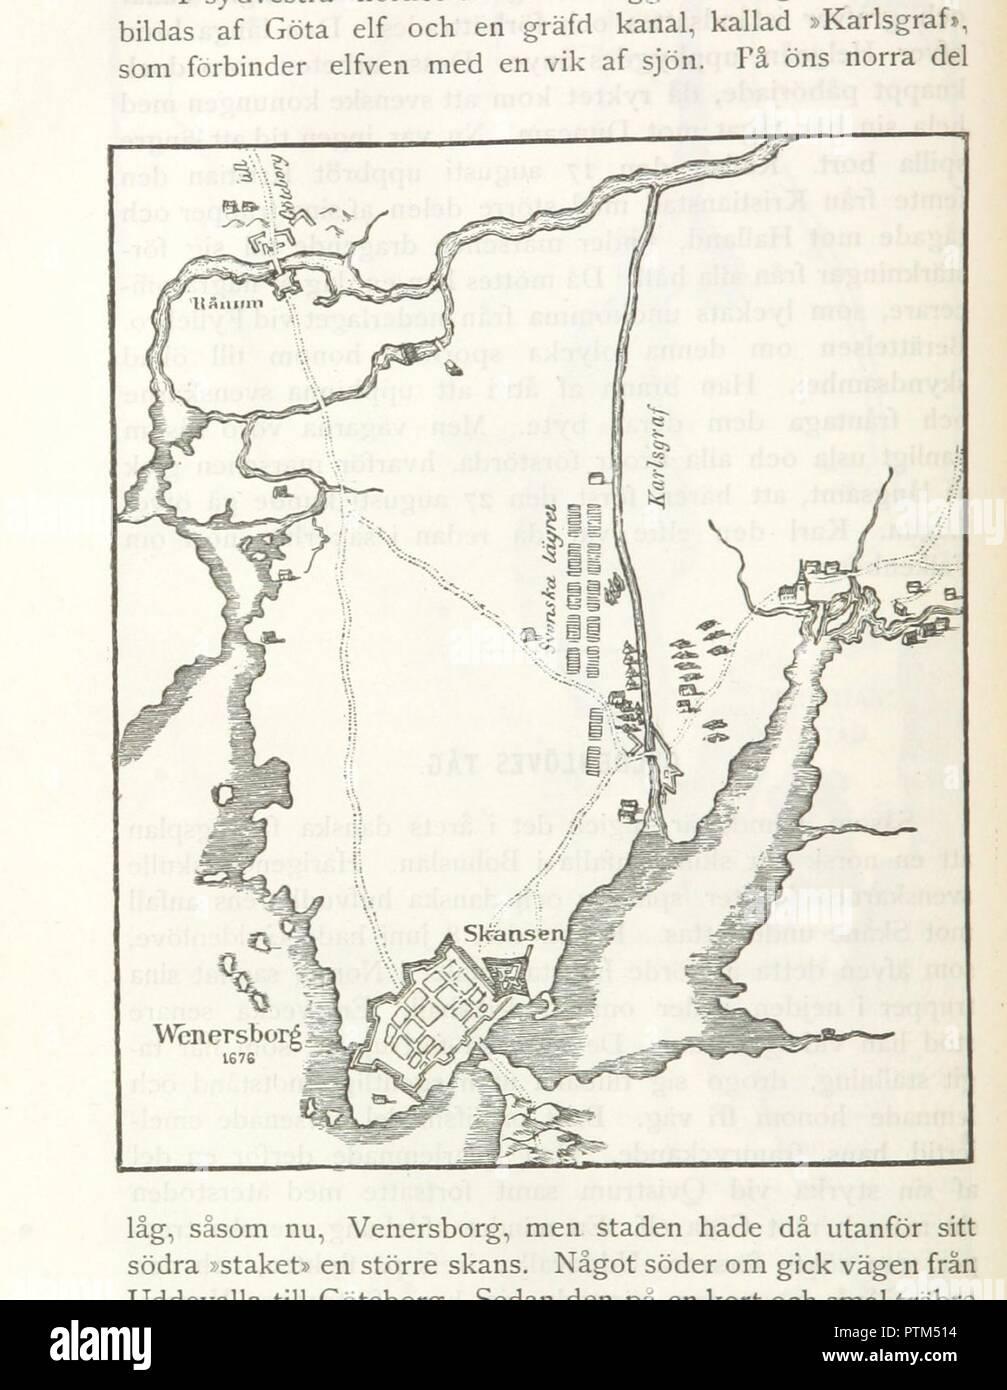 Karta Sodra Danmark.Page 112 Of Kriget Mot Danmark 1675 1679 Med Portratt Kartor